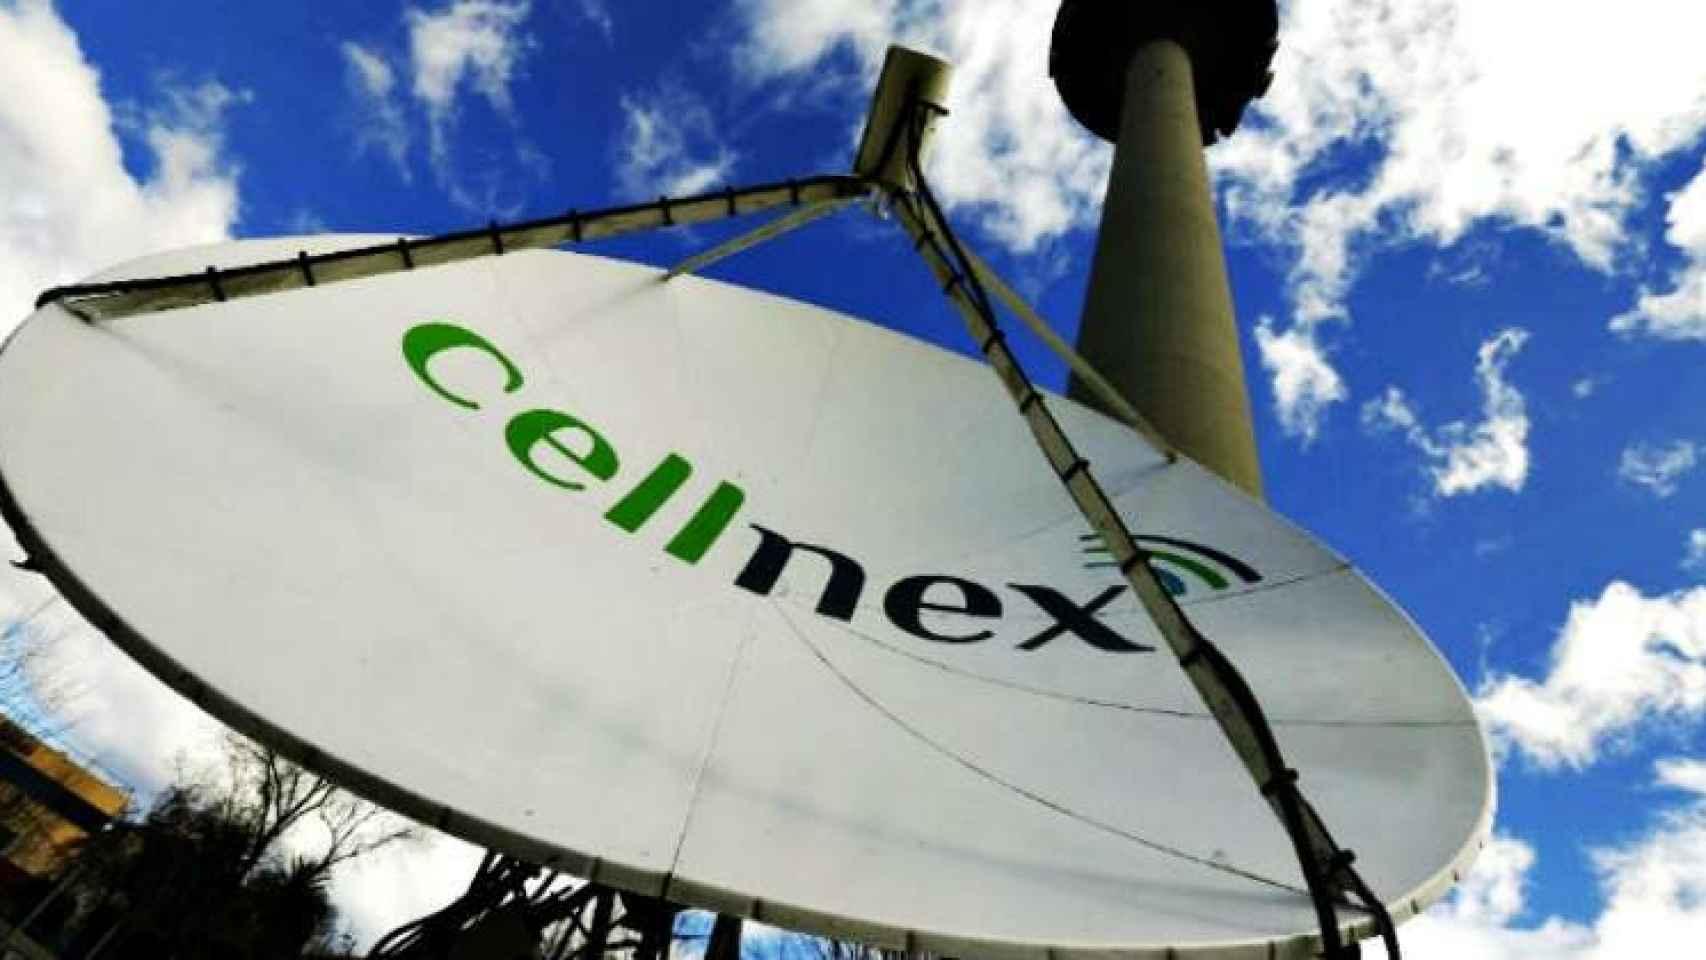 Una antena repetidora de Cellnex en Torrespaña (Madrid).